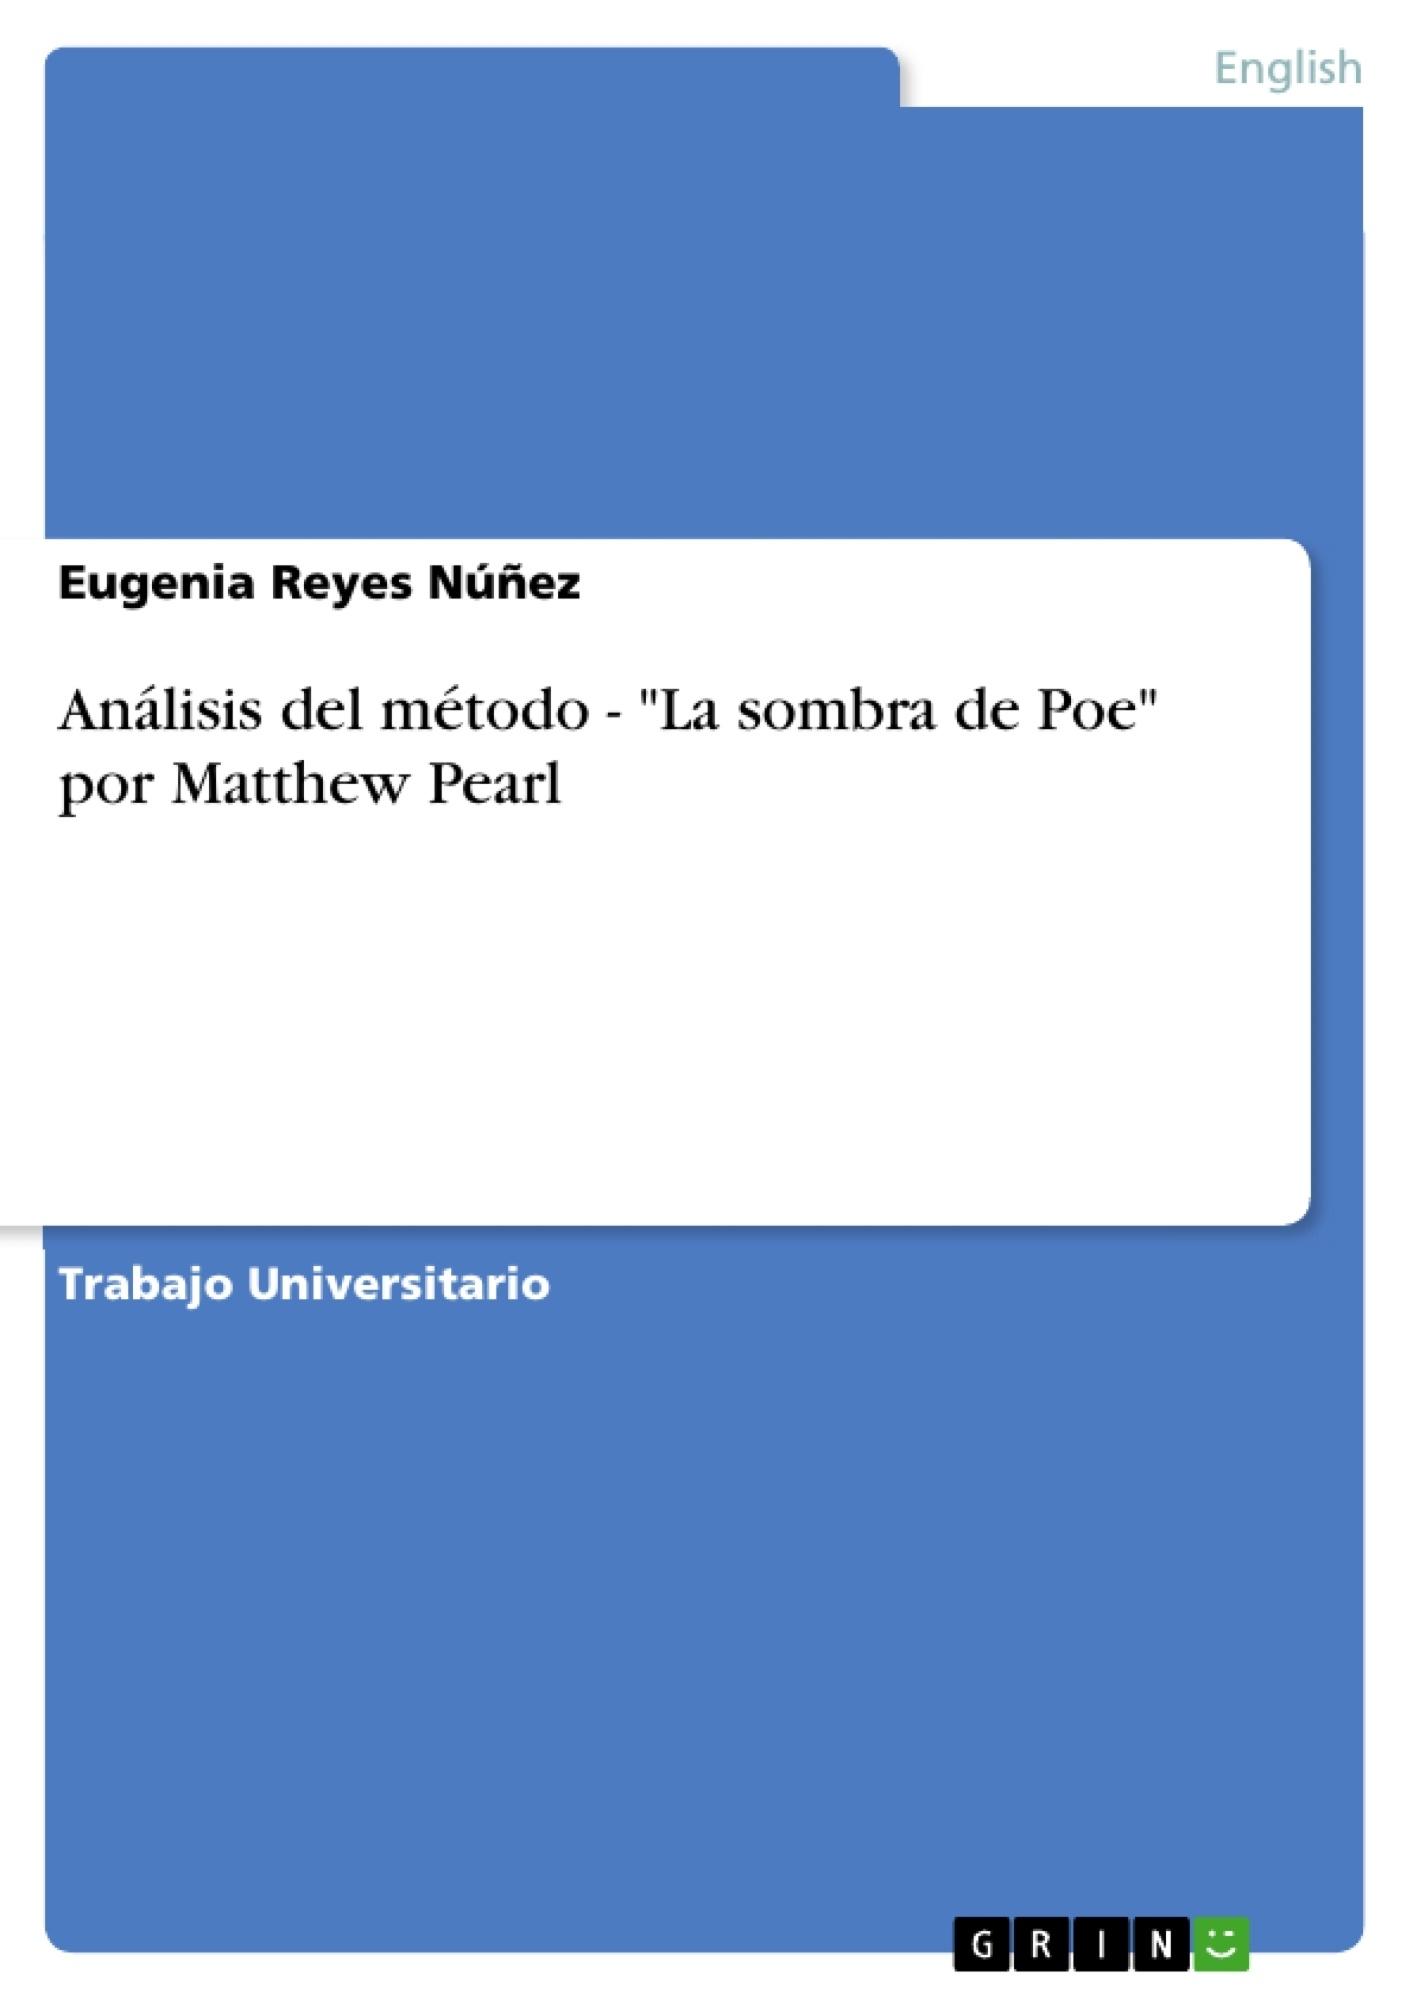 """Título: Análisis del método - """"La sombra de Poe"""" por Matthew Pearl"""